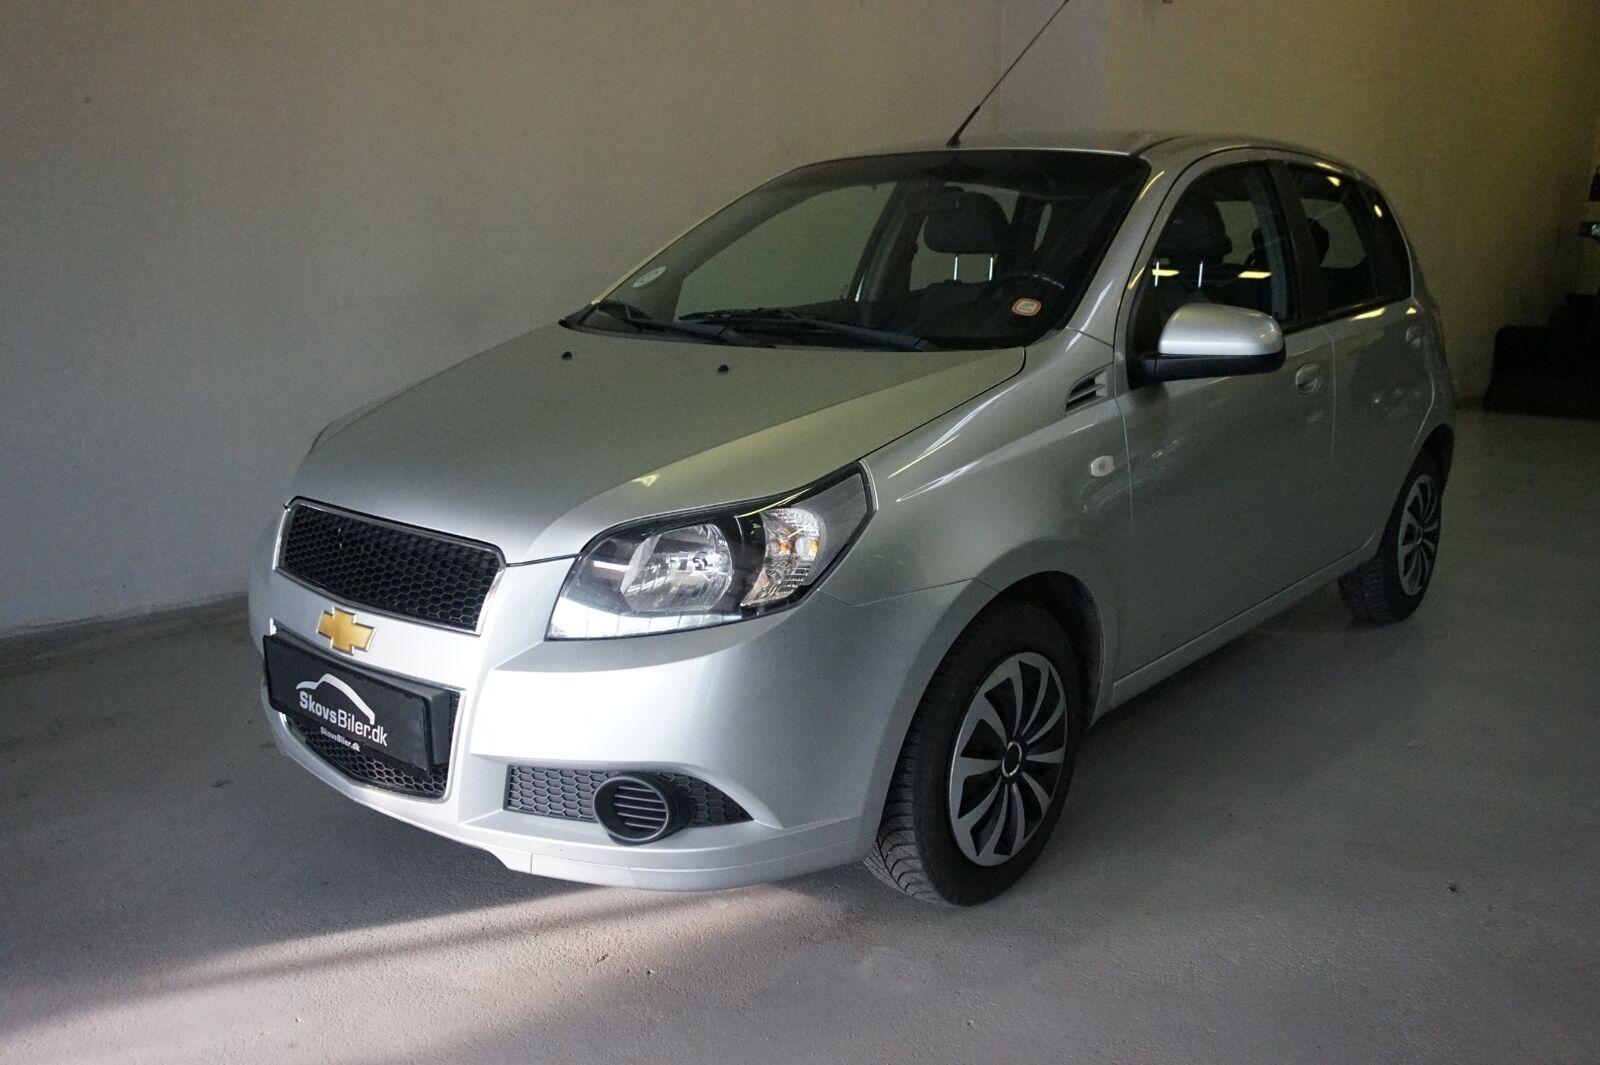 Chevrolet Aveo 1,2 LS 5d